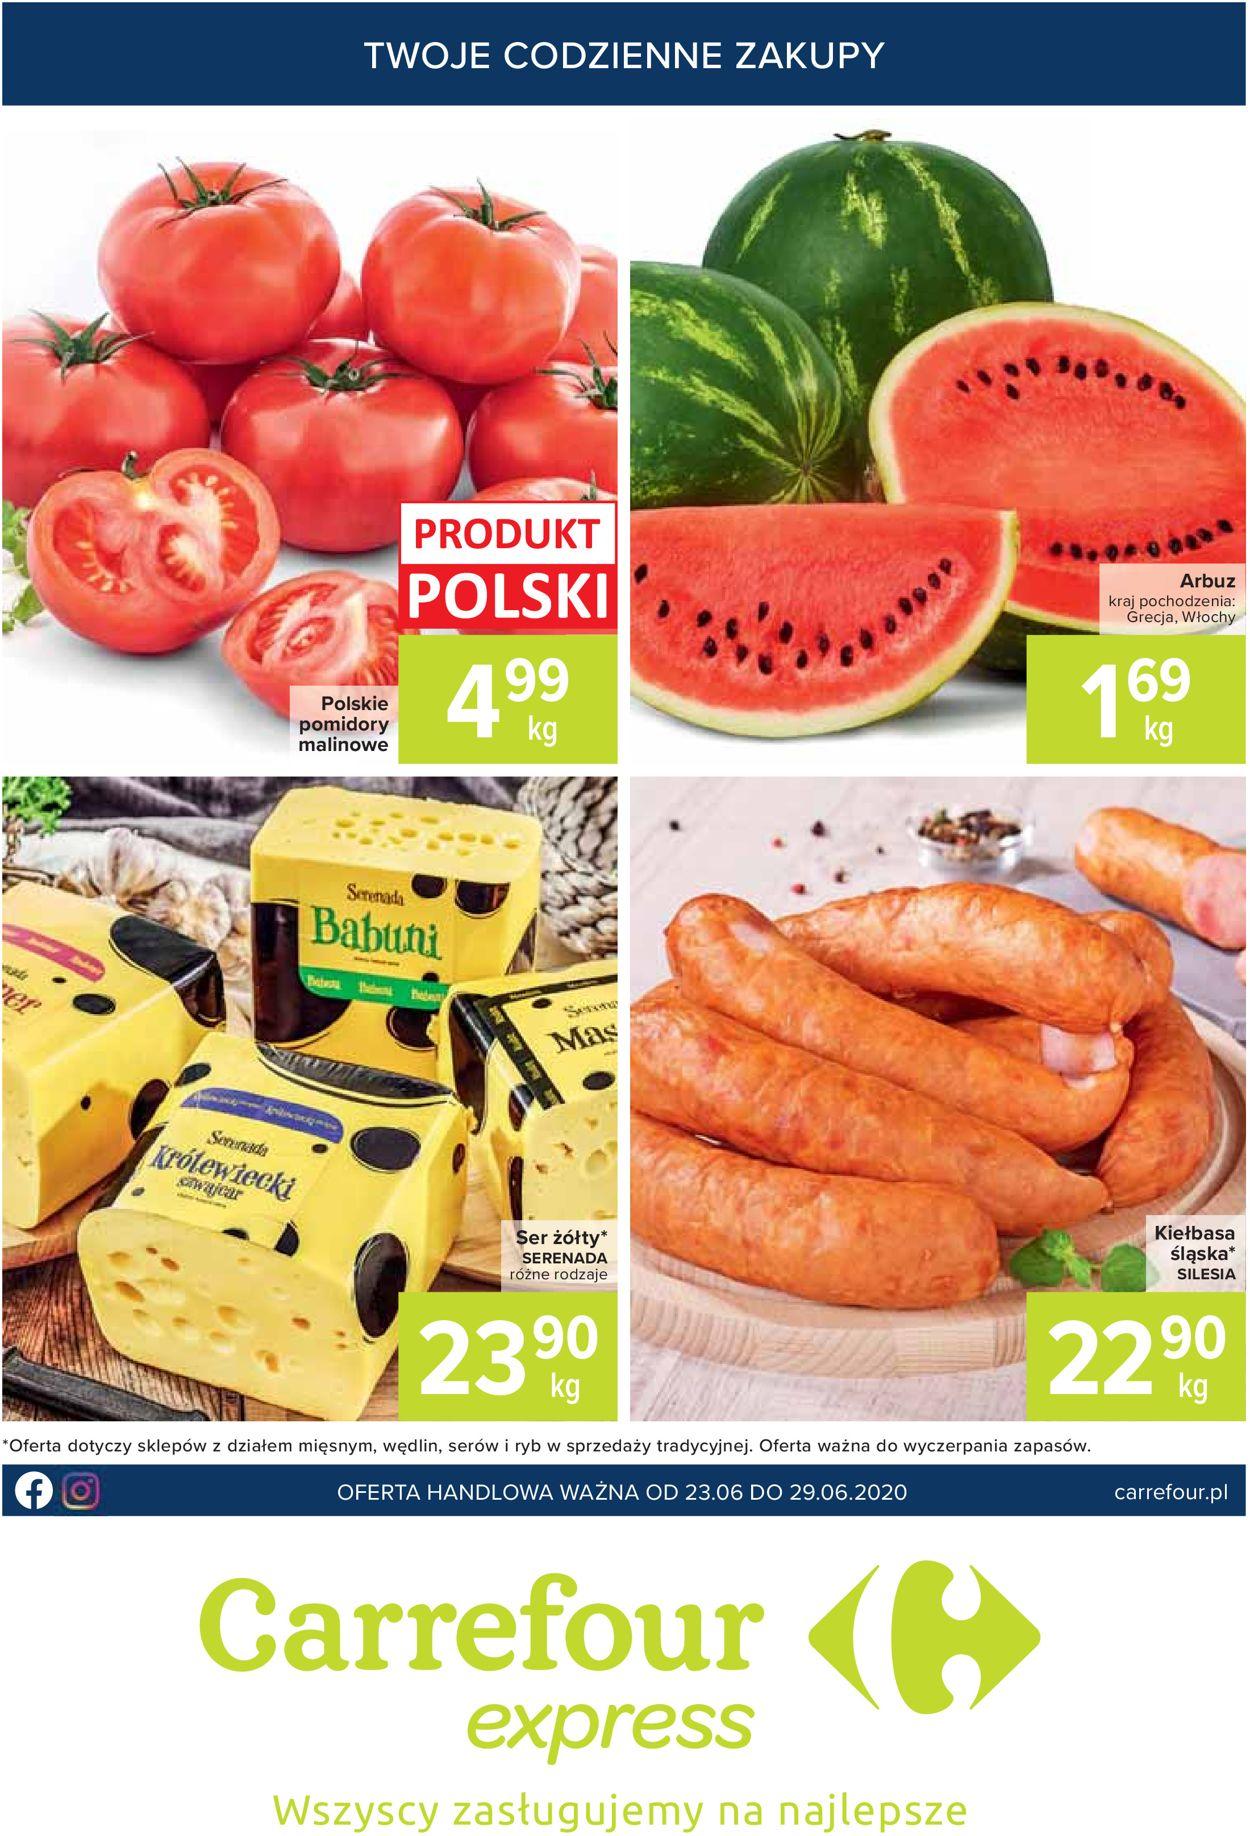 Gazetka promocyjna Carrefour - 23.06-29.06.2020